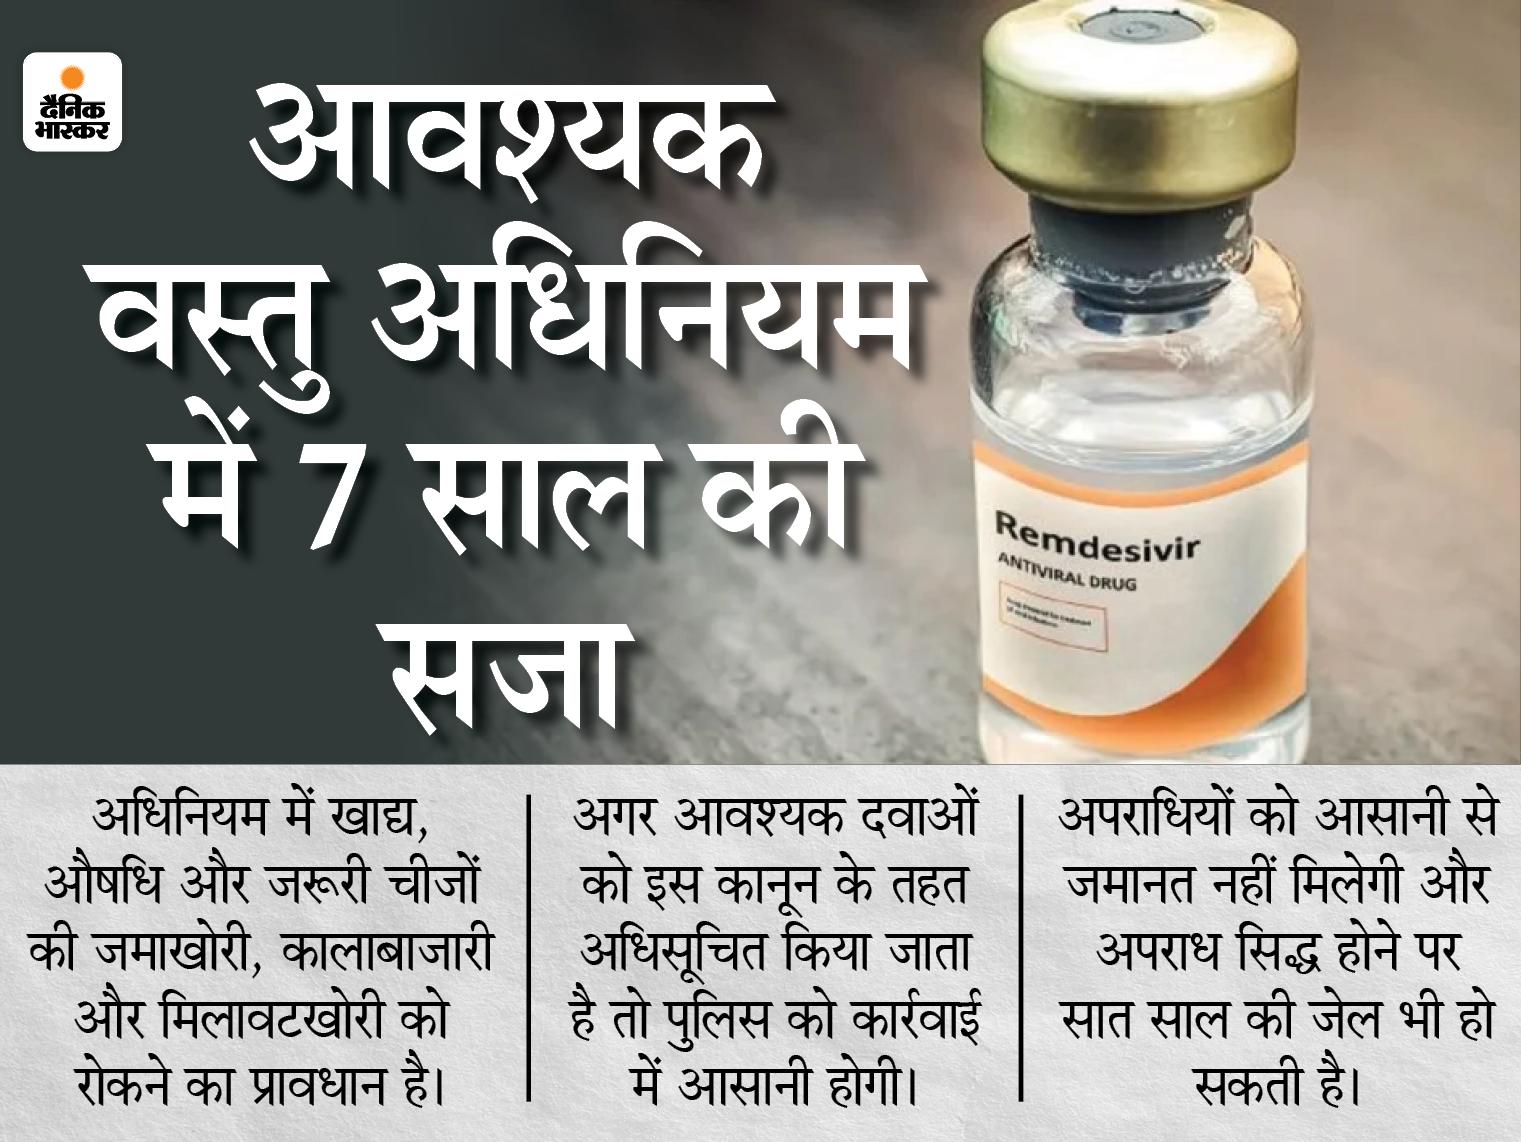 रेमडेसिविरइंजेक्शन को आवश्यक वस्तु अधिनियम में शामिल करने की मांग,CM बघेल ने केंद्रीय स्वास्थ्य मंत्री को लिखा पत्र|रायपुर,Raipur - Dainik Bhaskar